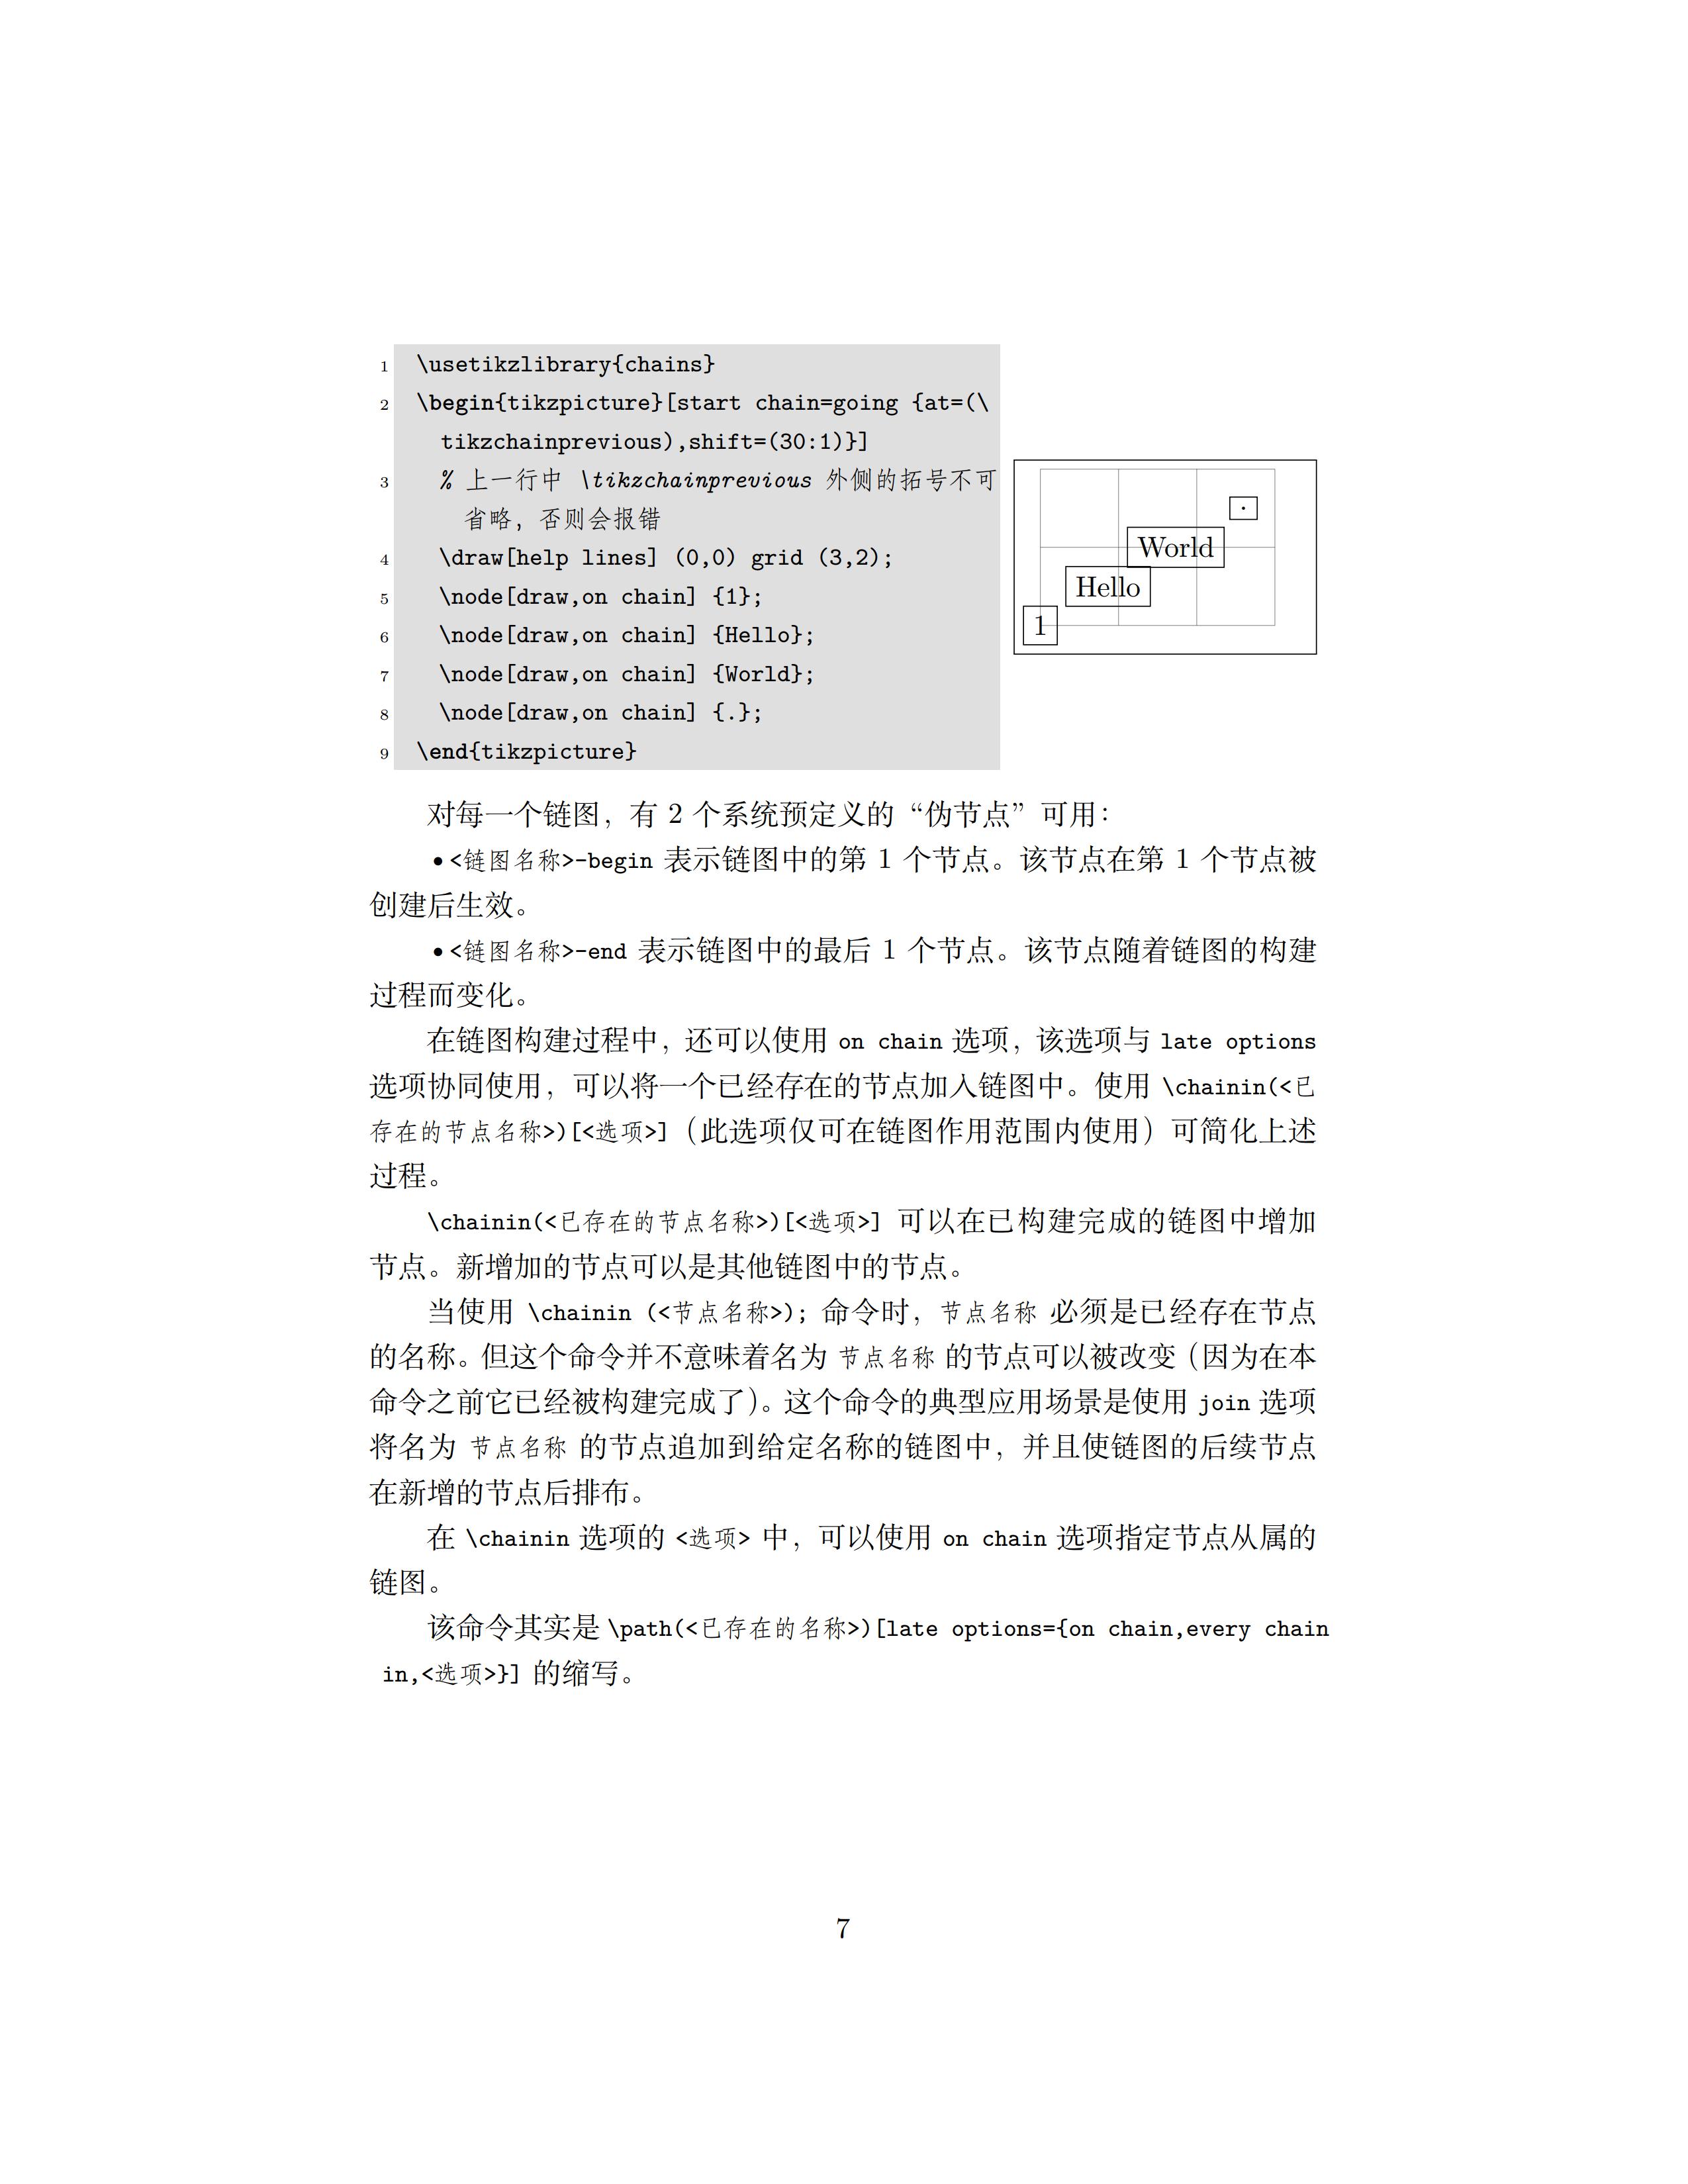 tikz 手册第48章《链式图》学习笔记